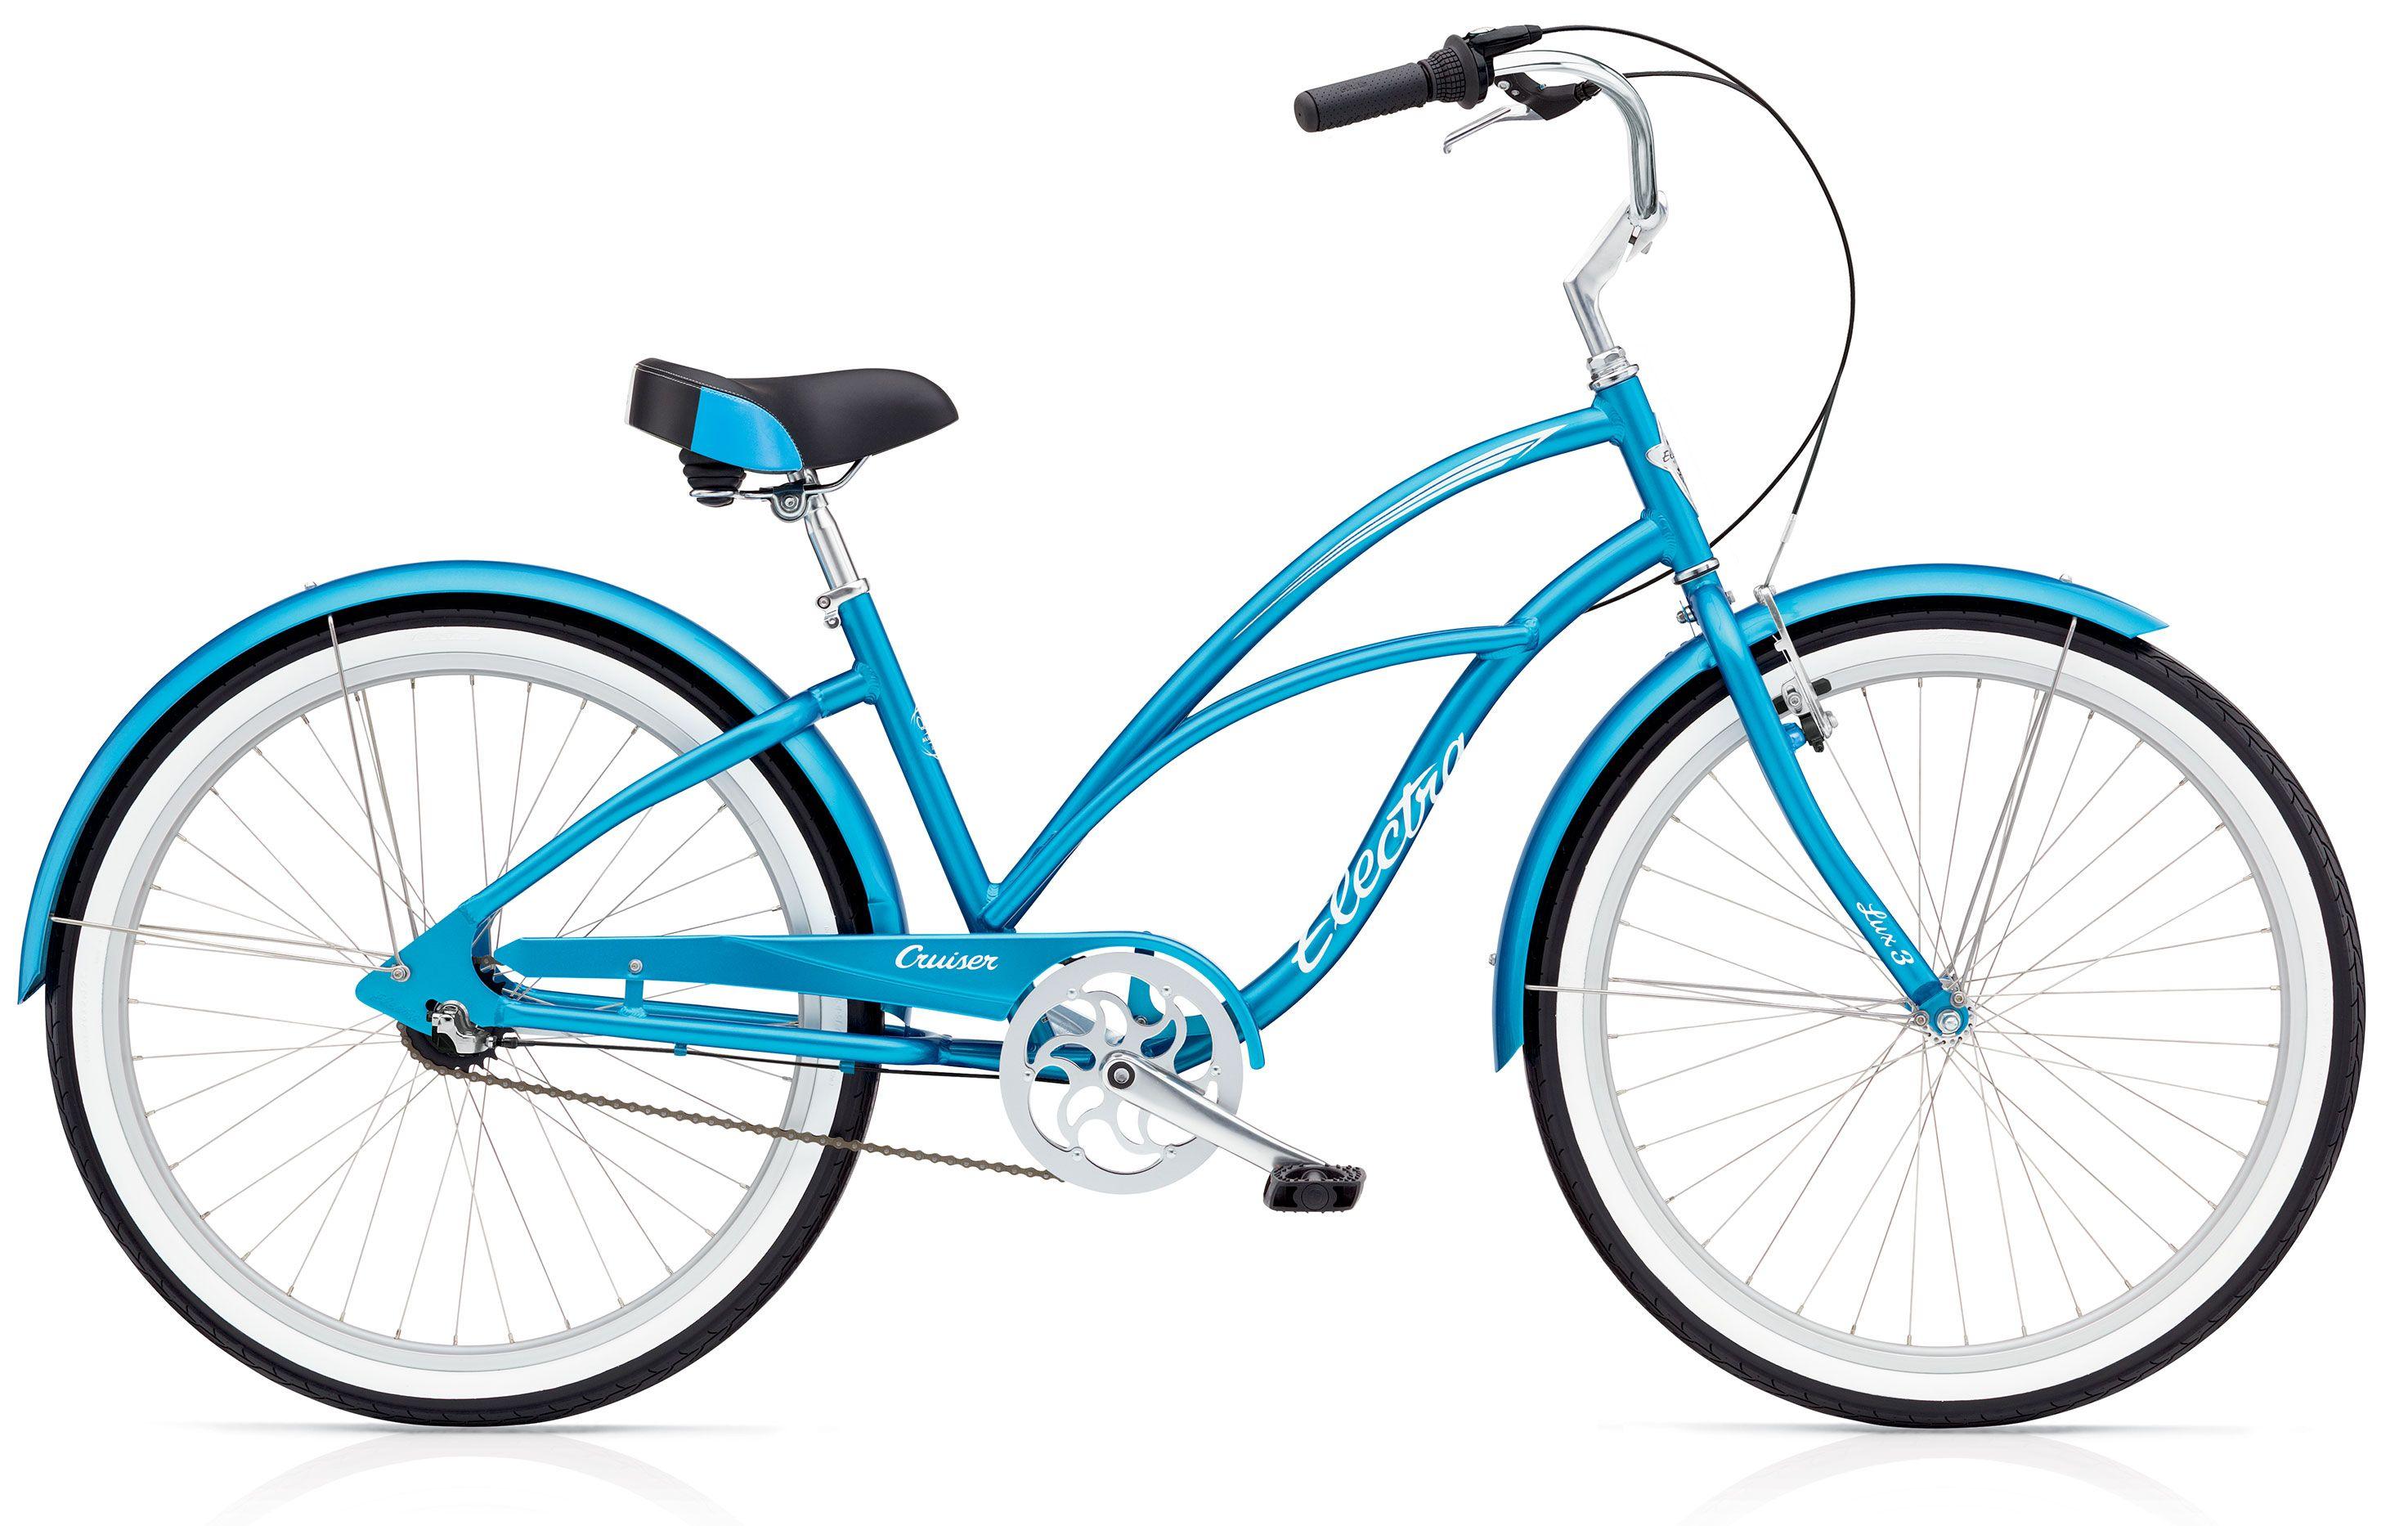 Велосипед Electra Cruiser Lux 3i Ladies 2017